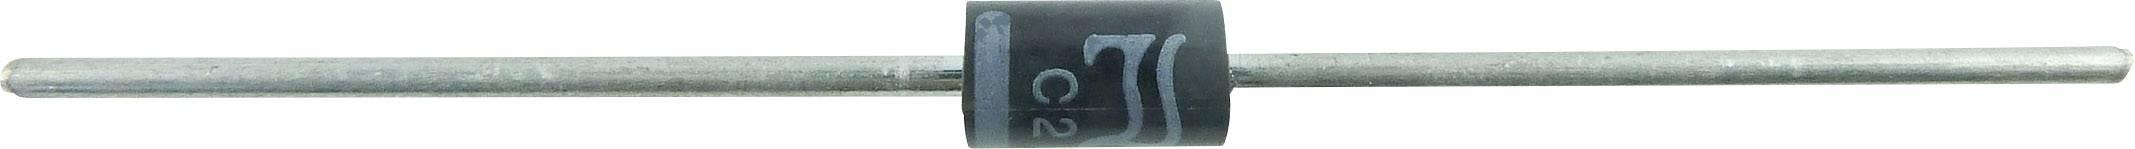 Schottkyho usmerňovacia dióda Diotec SB340, 3 A, 40 V